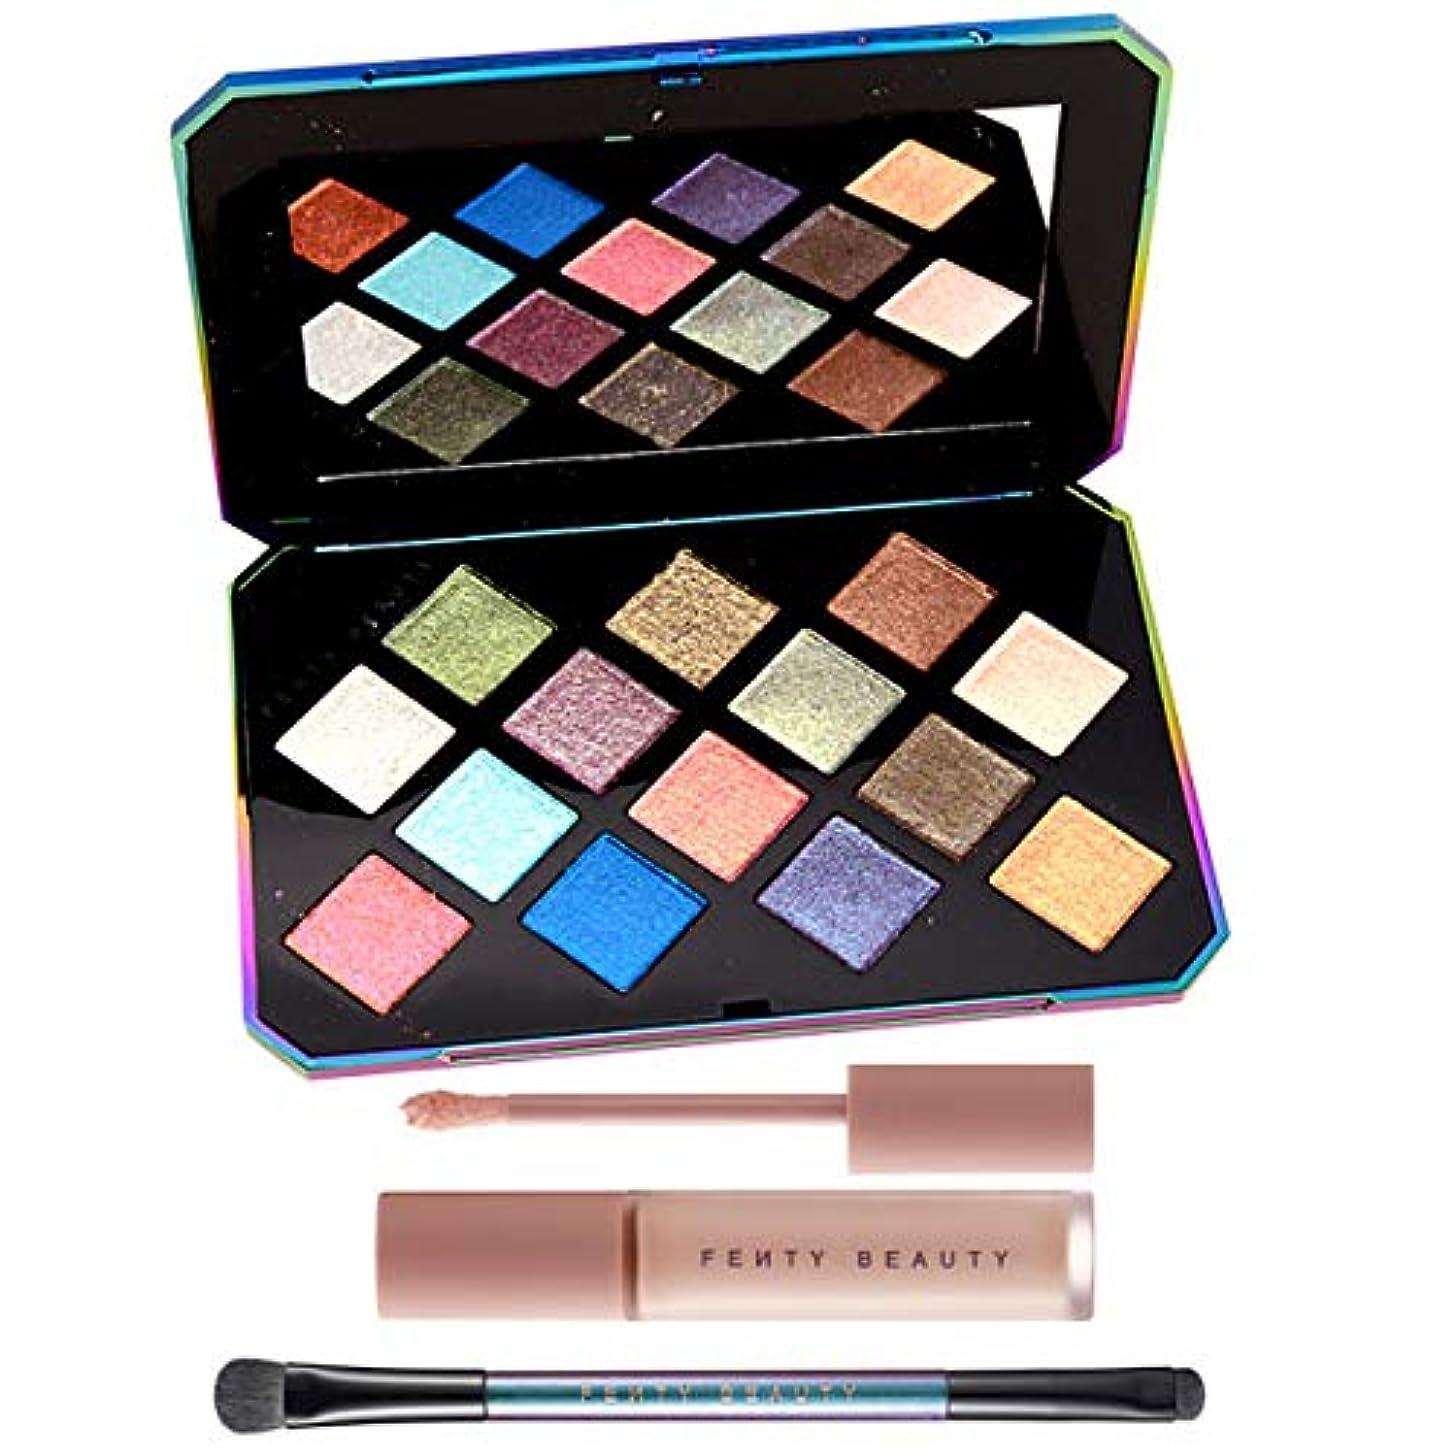 憂鬱なフライカイトラジウムFENTY BEAUTY BY RIHANNA, GALAXY Eyeshadow Palette & Eye Essentials [海外直送品] [並行輸入品]